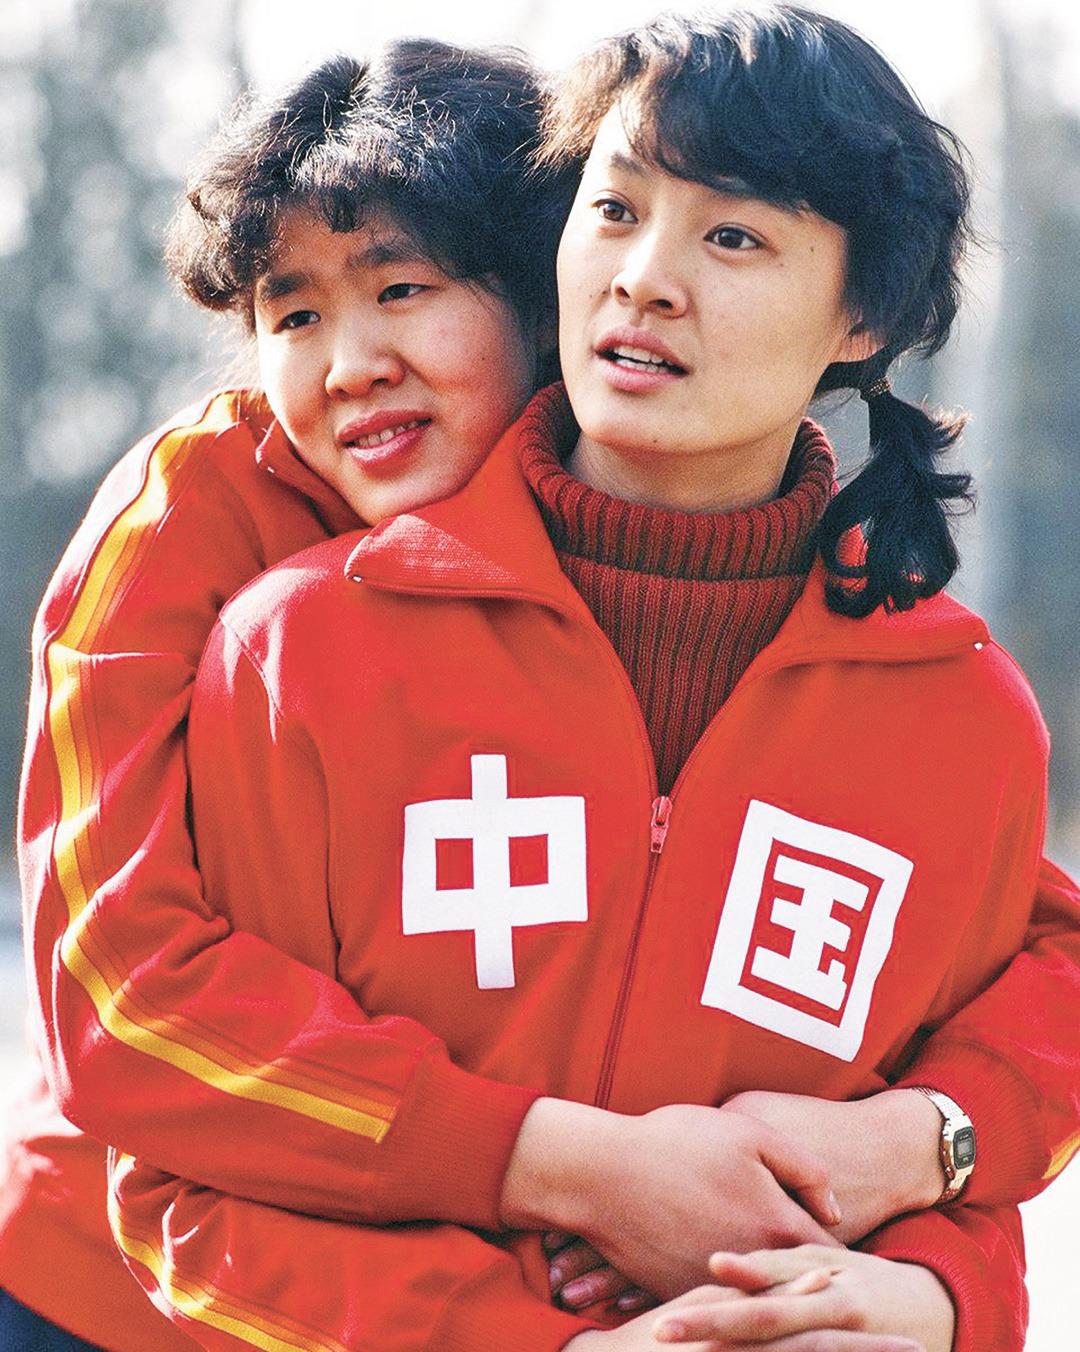 郎平和第一代女排的老戰友周曉蘭感情要好。(網上圖片)